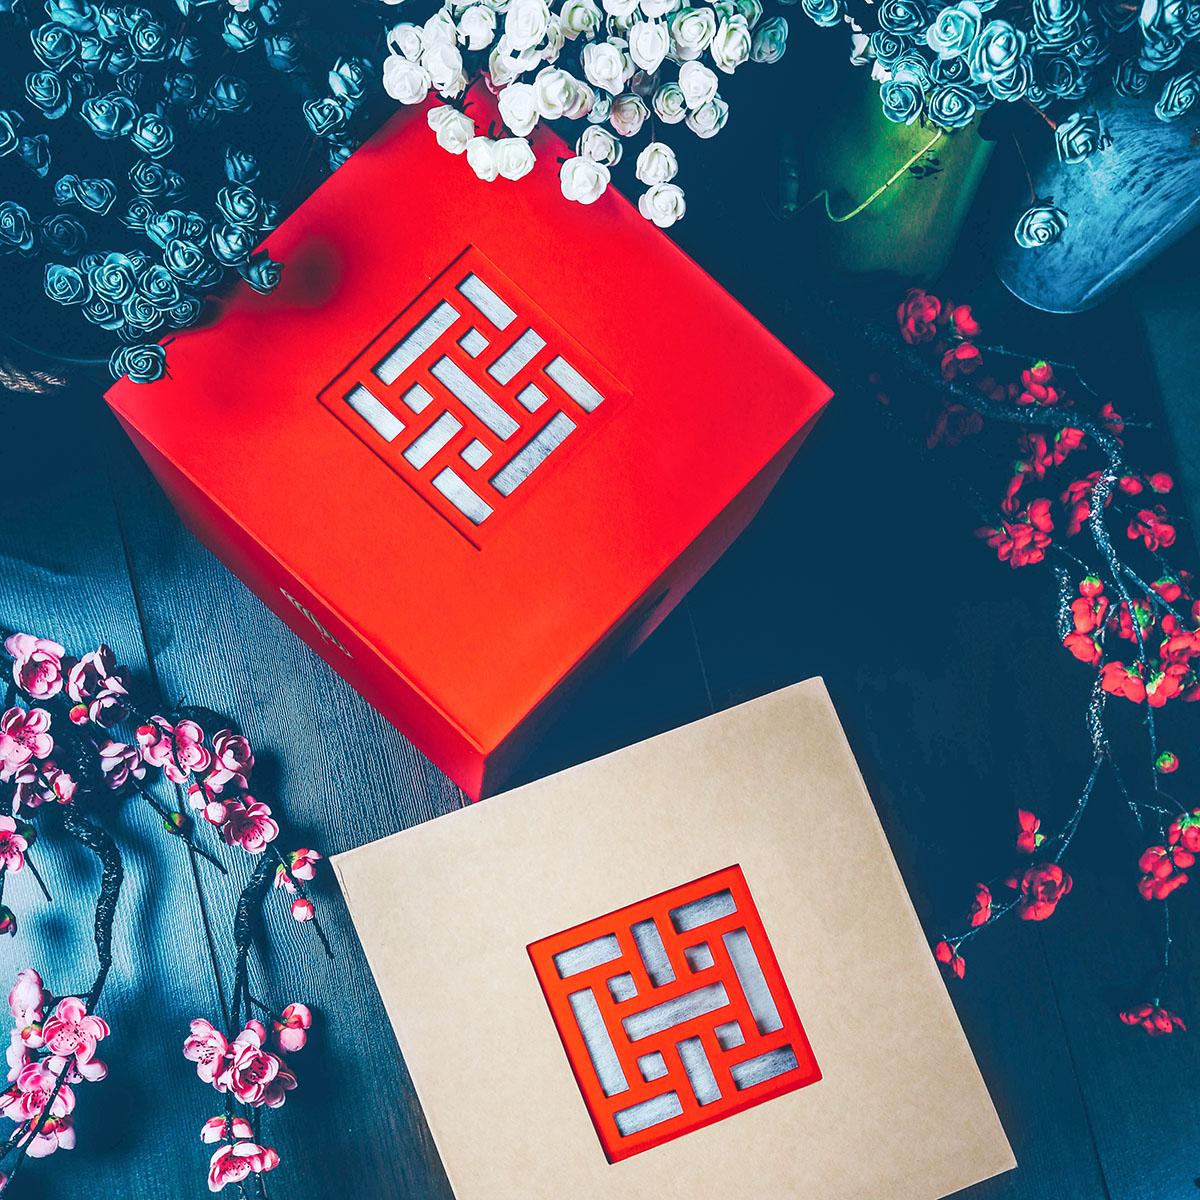 Hinh Anh - Qua Tet - Content 11 - Hop qua tet L'angfarm Luna - L'angfarm, dac san Da Lat.jpg